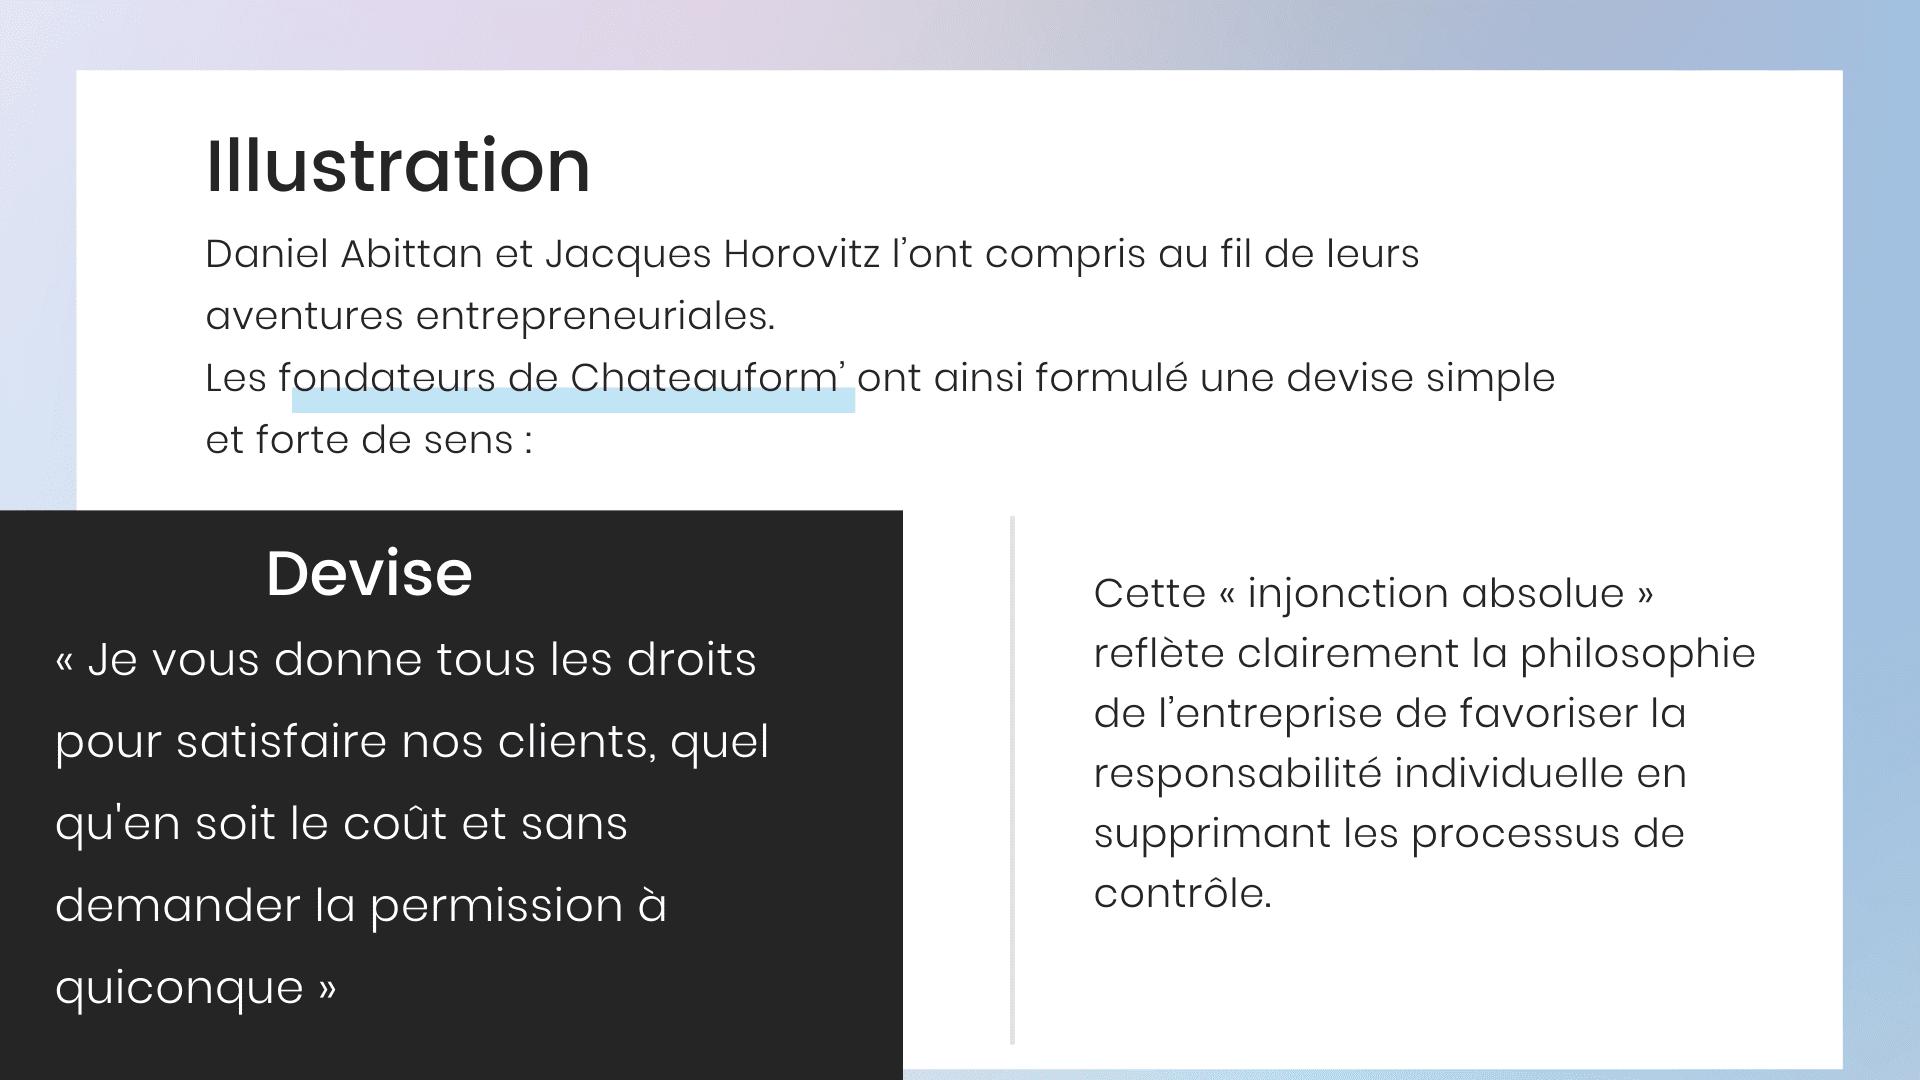 Visuel décrivant l'illustration Chateauform'